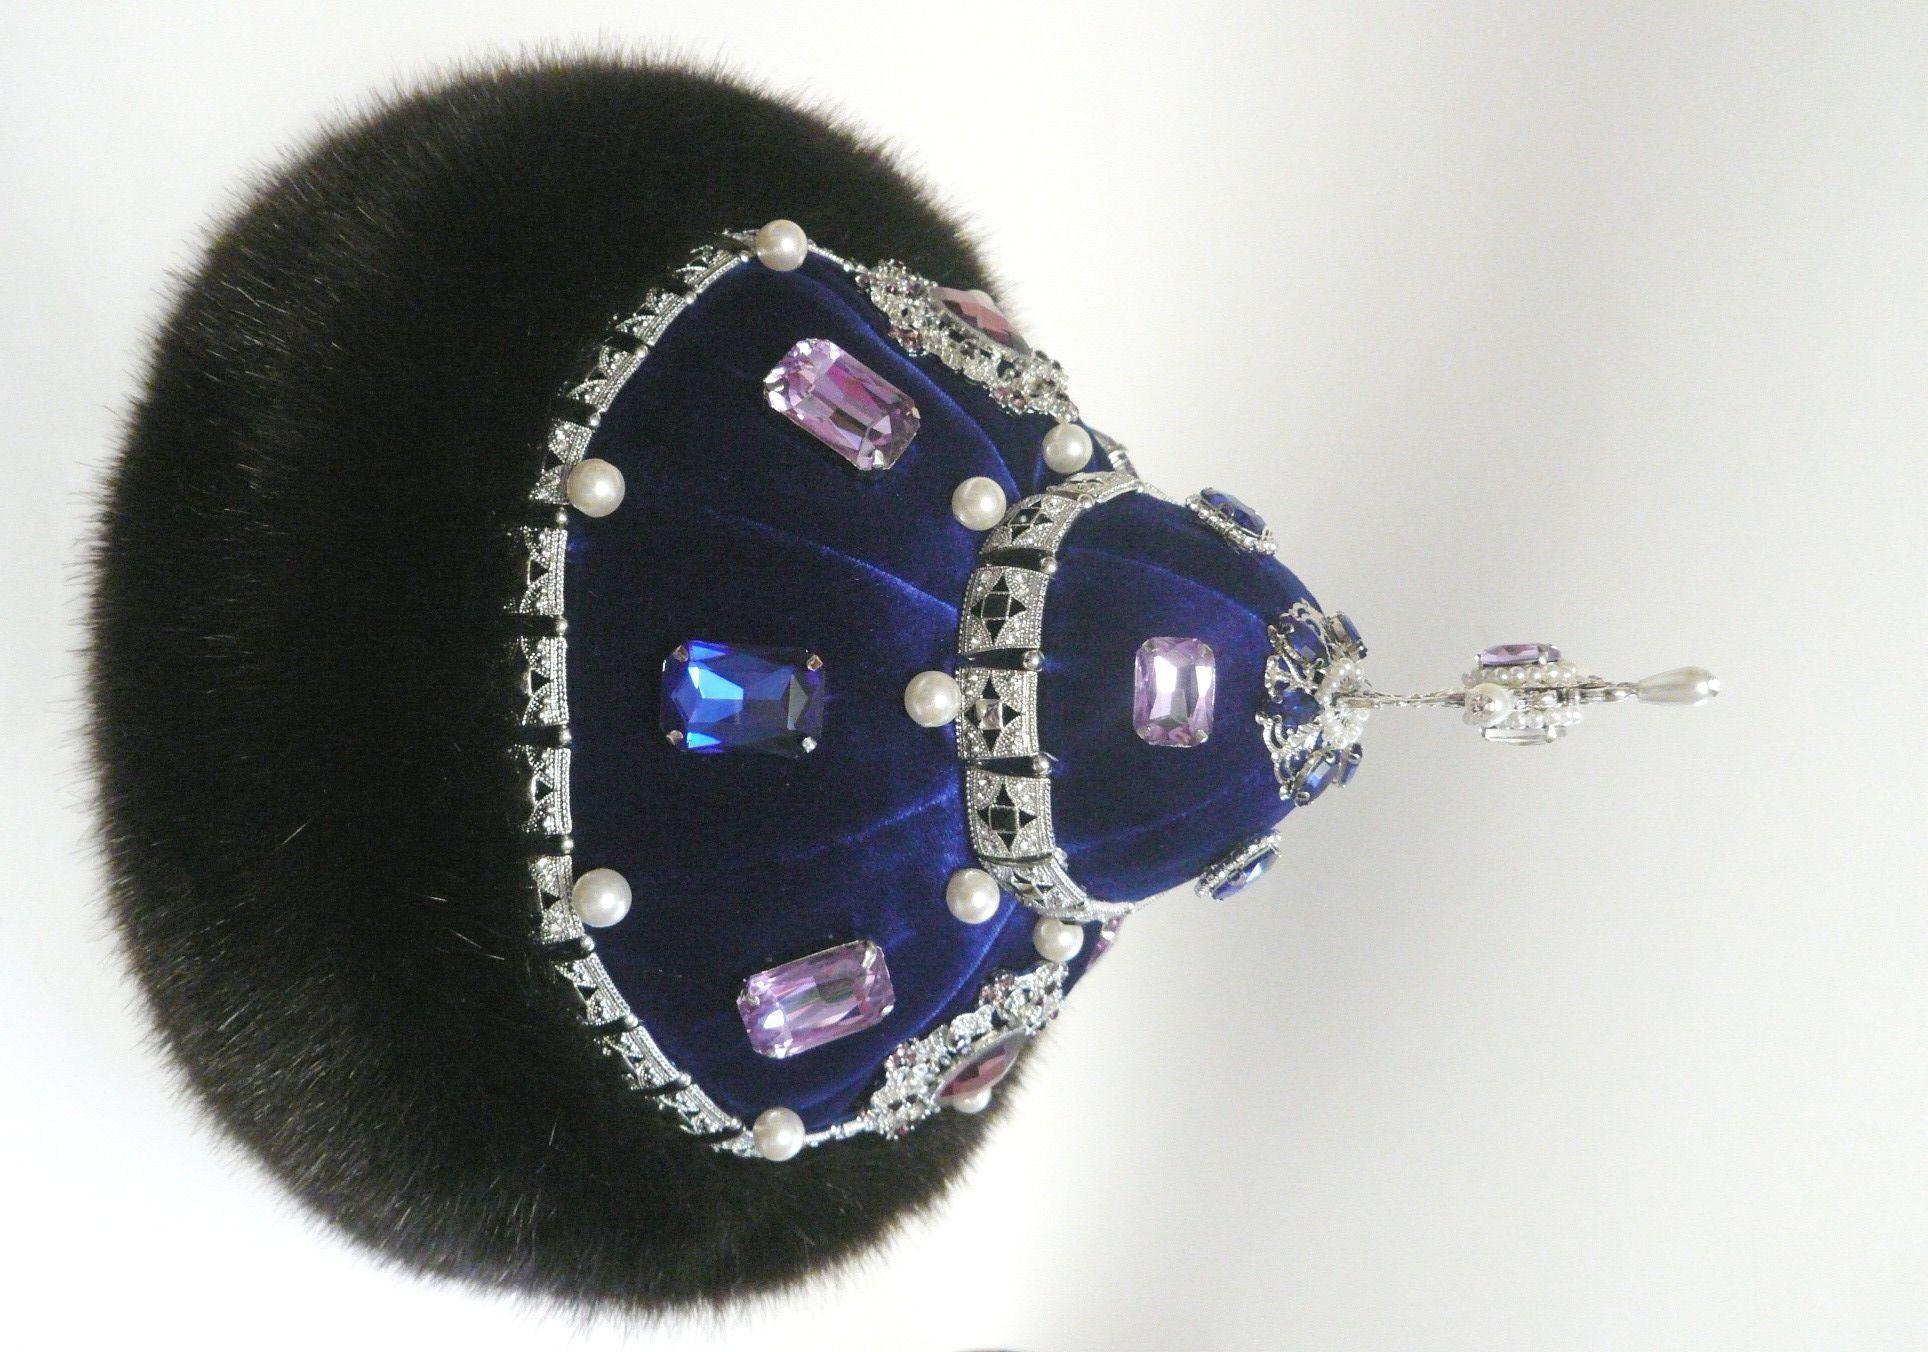 из мужчин русский для стиль сувенир сувениры подарок шефу россии подарки регалии царские